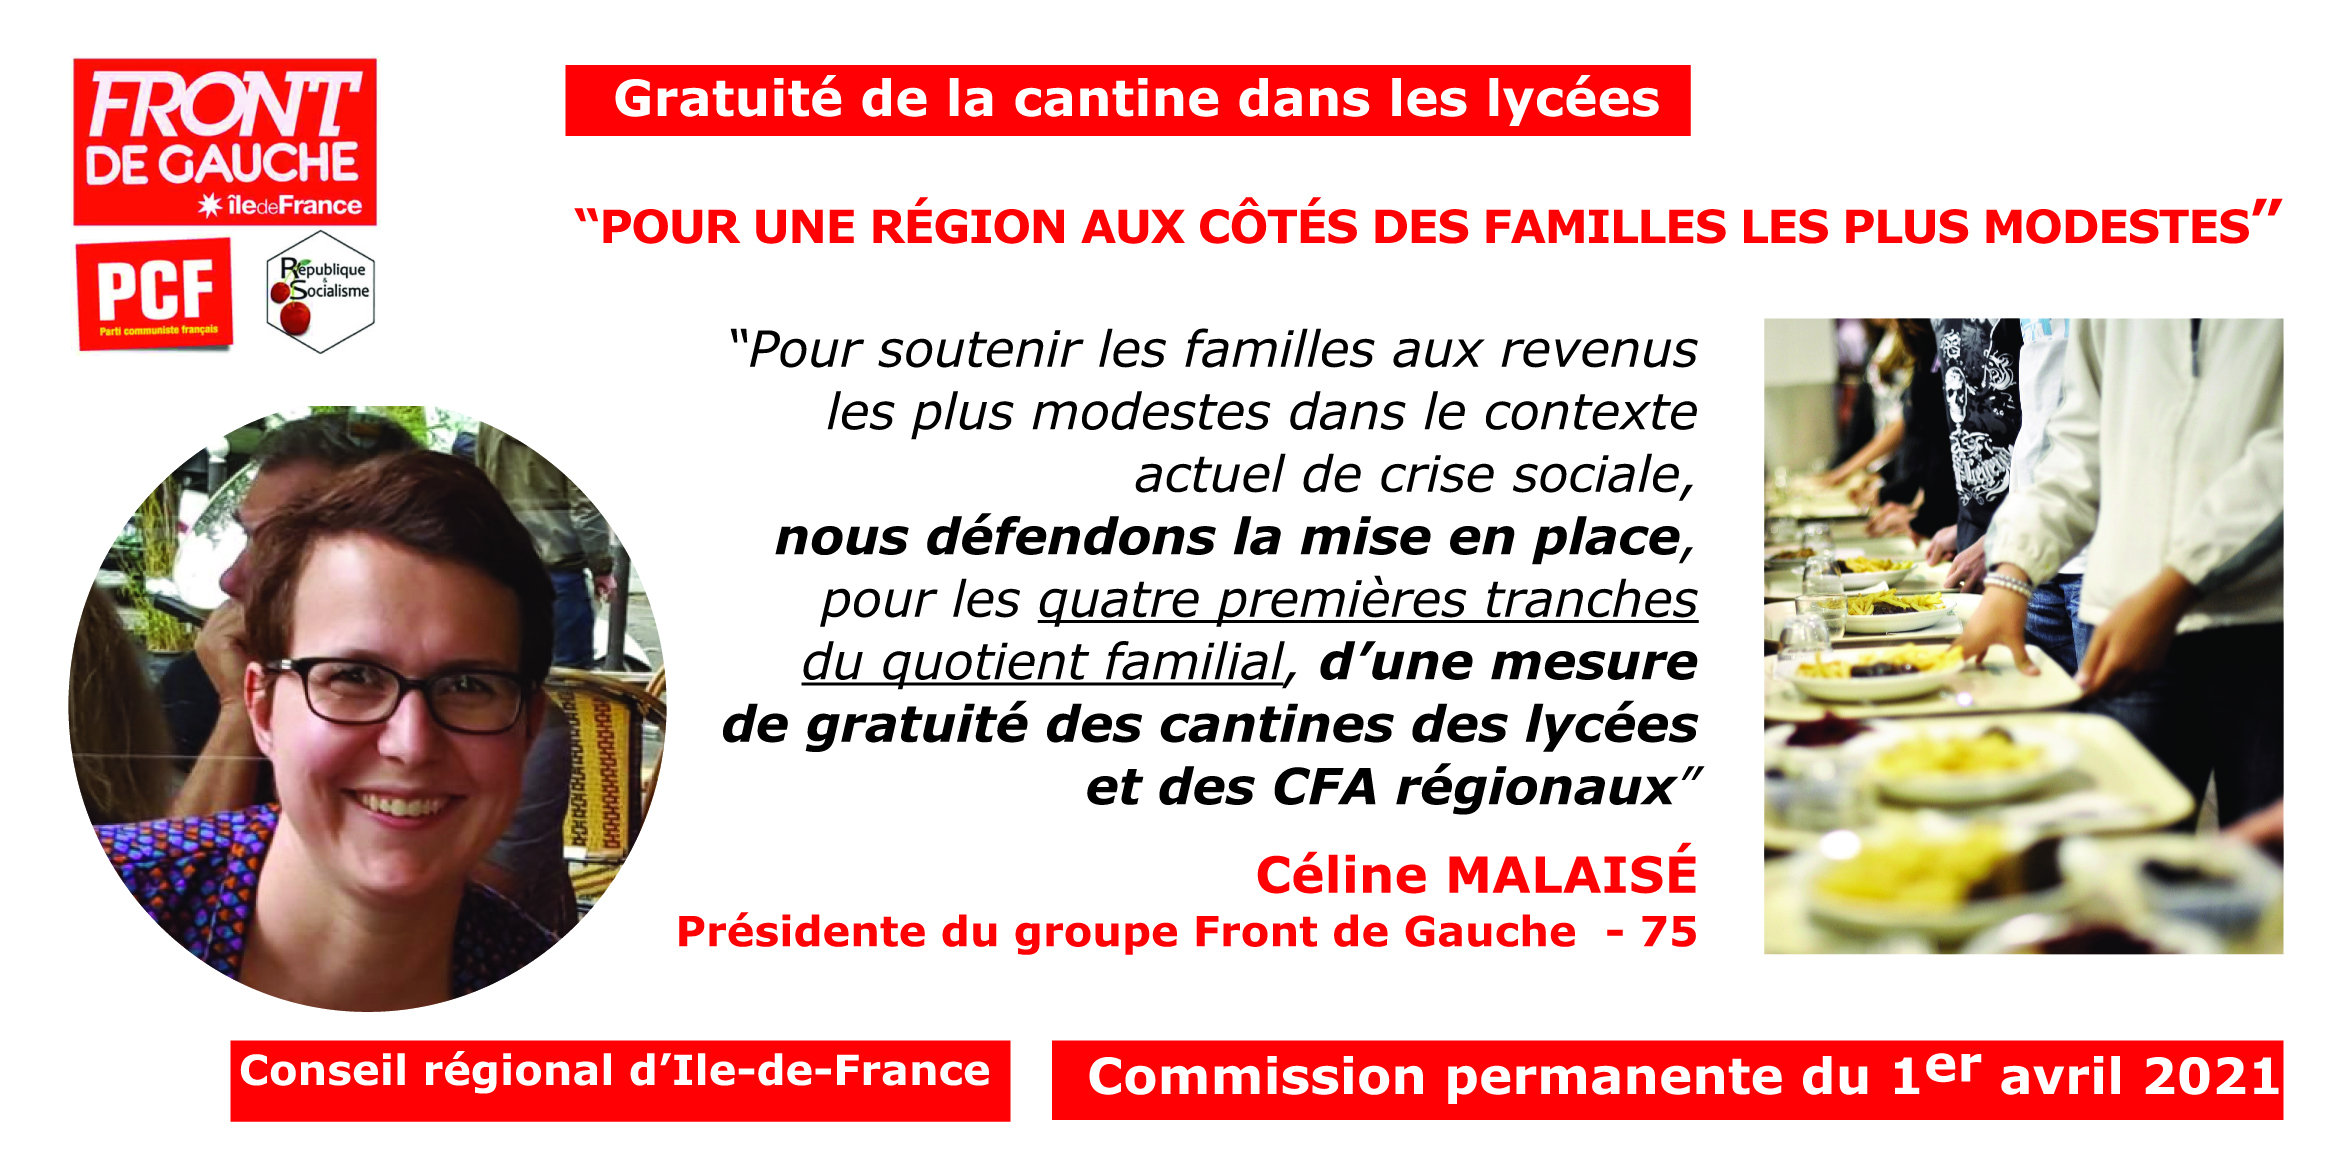 Céline Gratuité cantines lycées